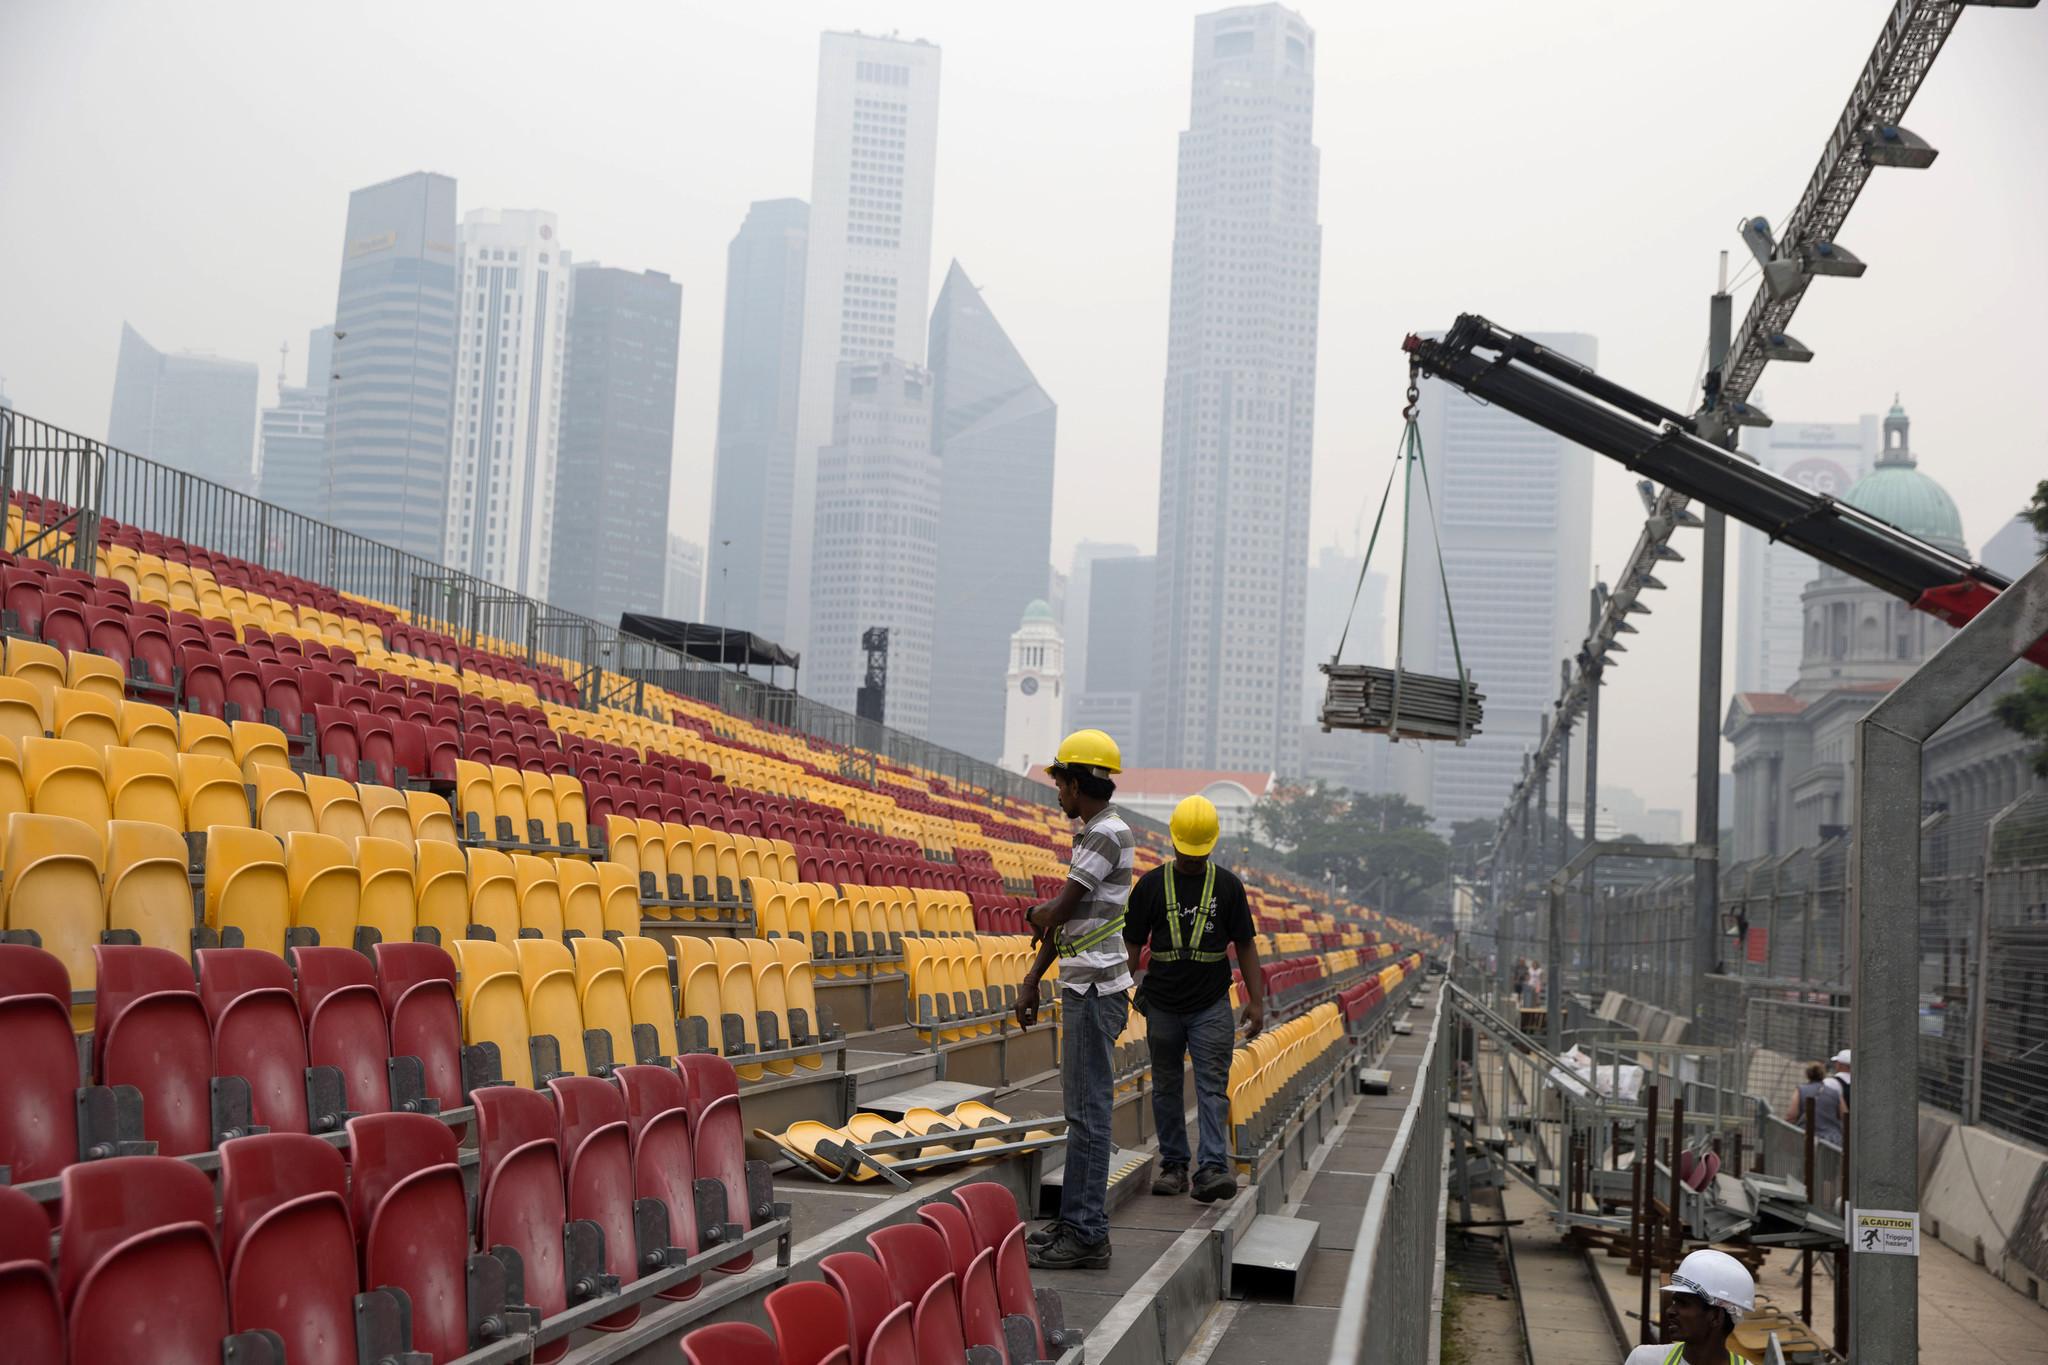 Circuito Singapur : Gp singapur: el problema del aire contaminado hoy chicago